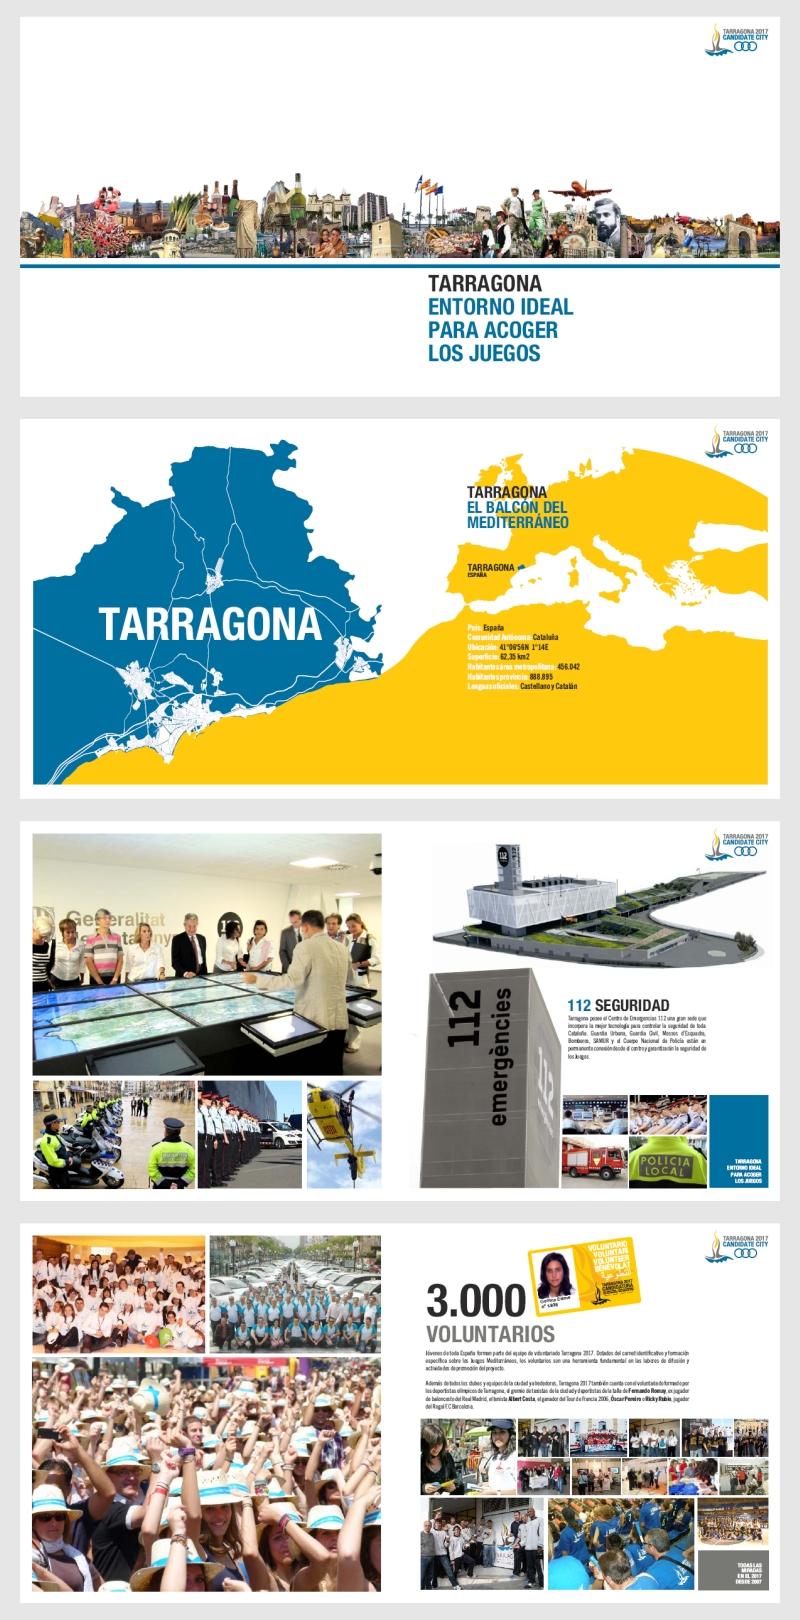 Revista diseñada por Kico F. Uribe para la Candidatura de Tarragona 2017